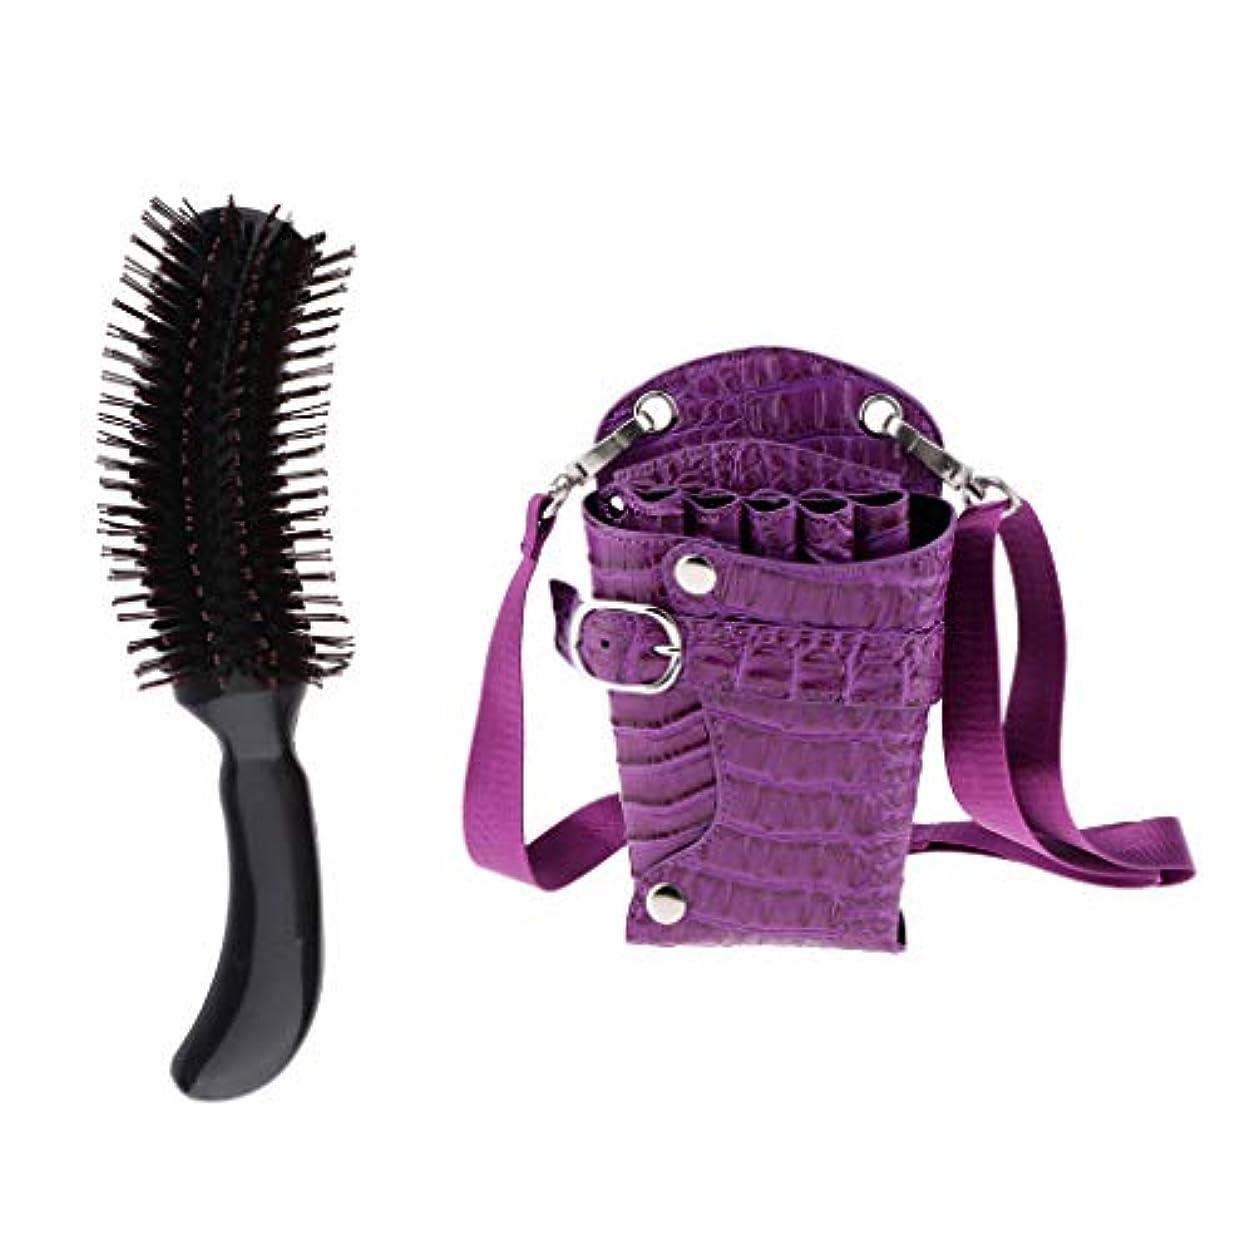 蒸発撤回する召喚するヘアブラシ マッサージブラシ はさみバッグ ツールホルスター 収納ポーチ 紫